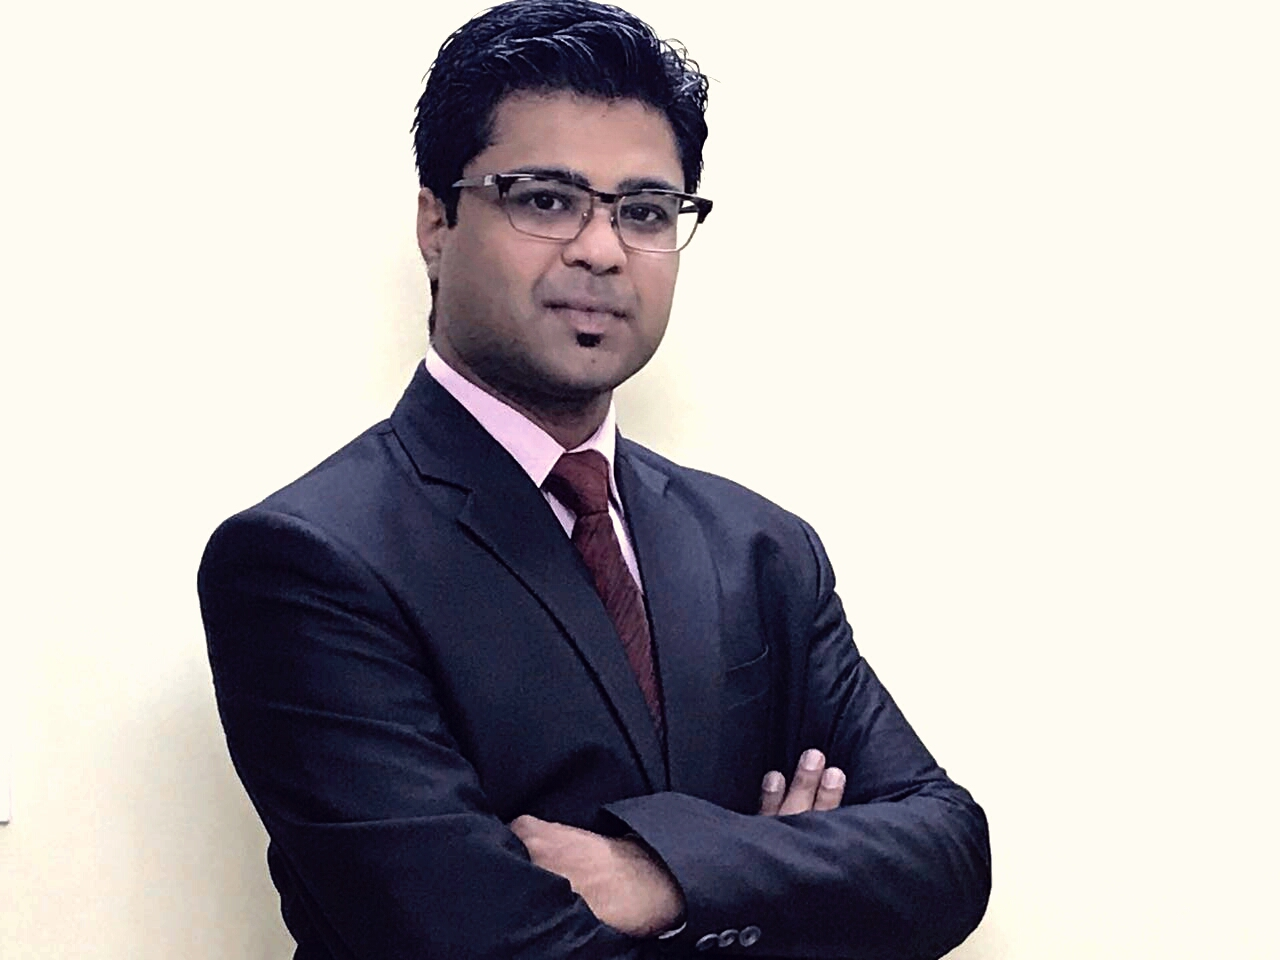 Dr. Amit Garg